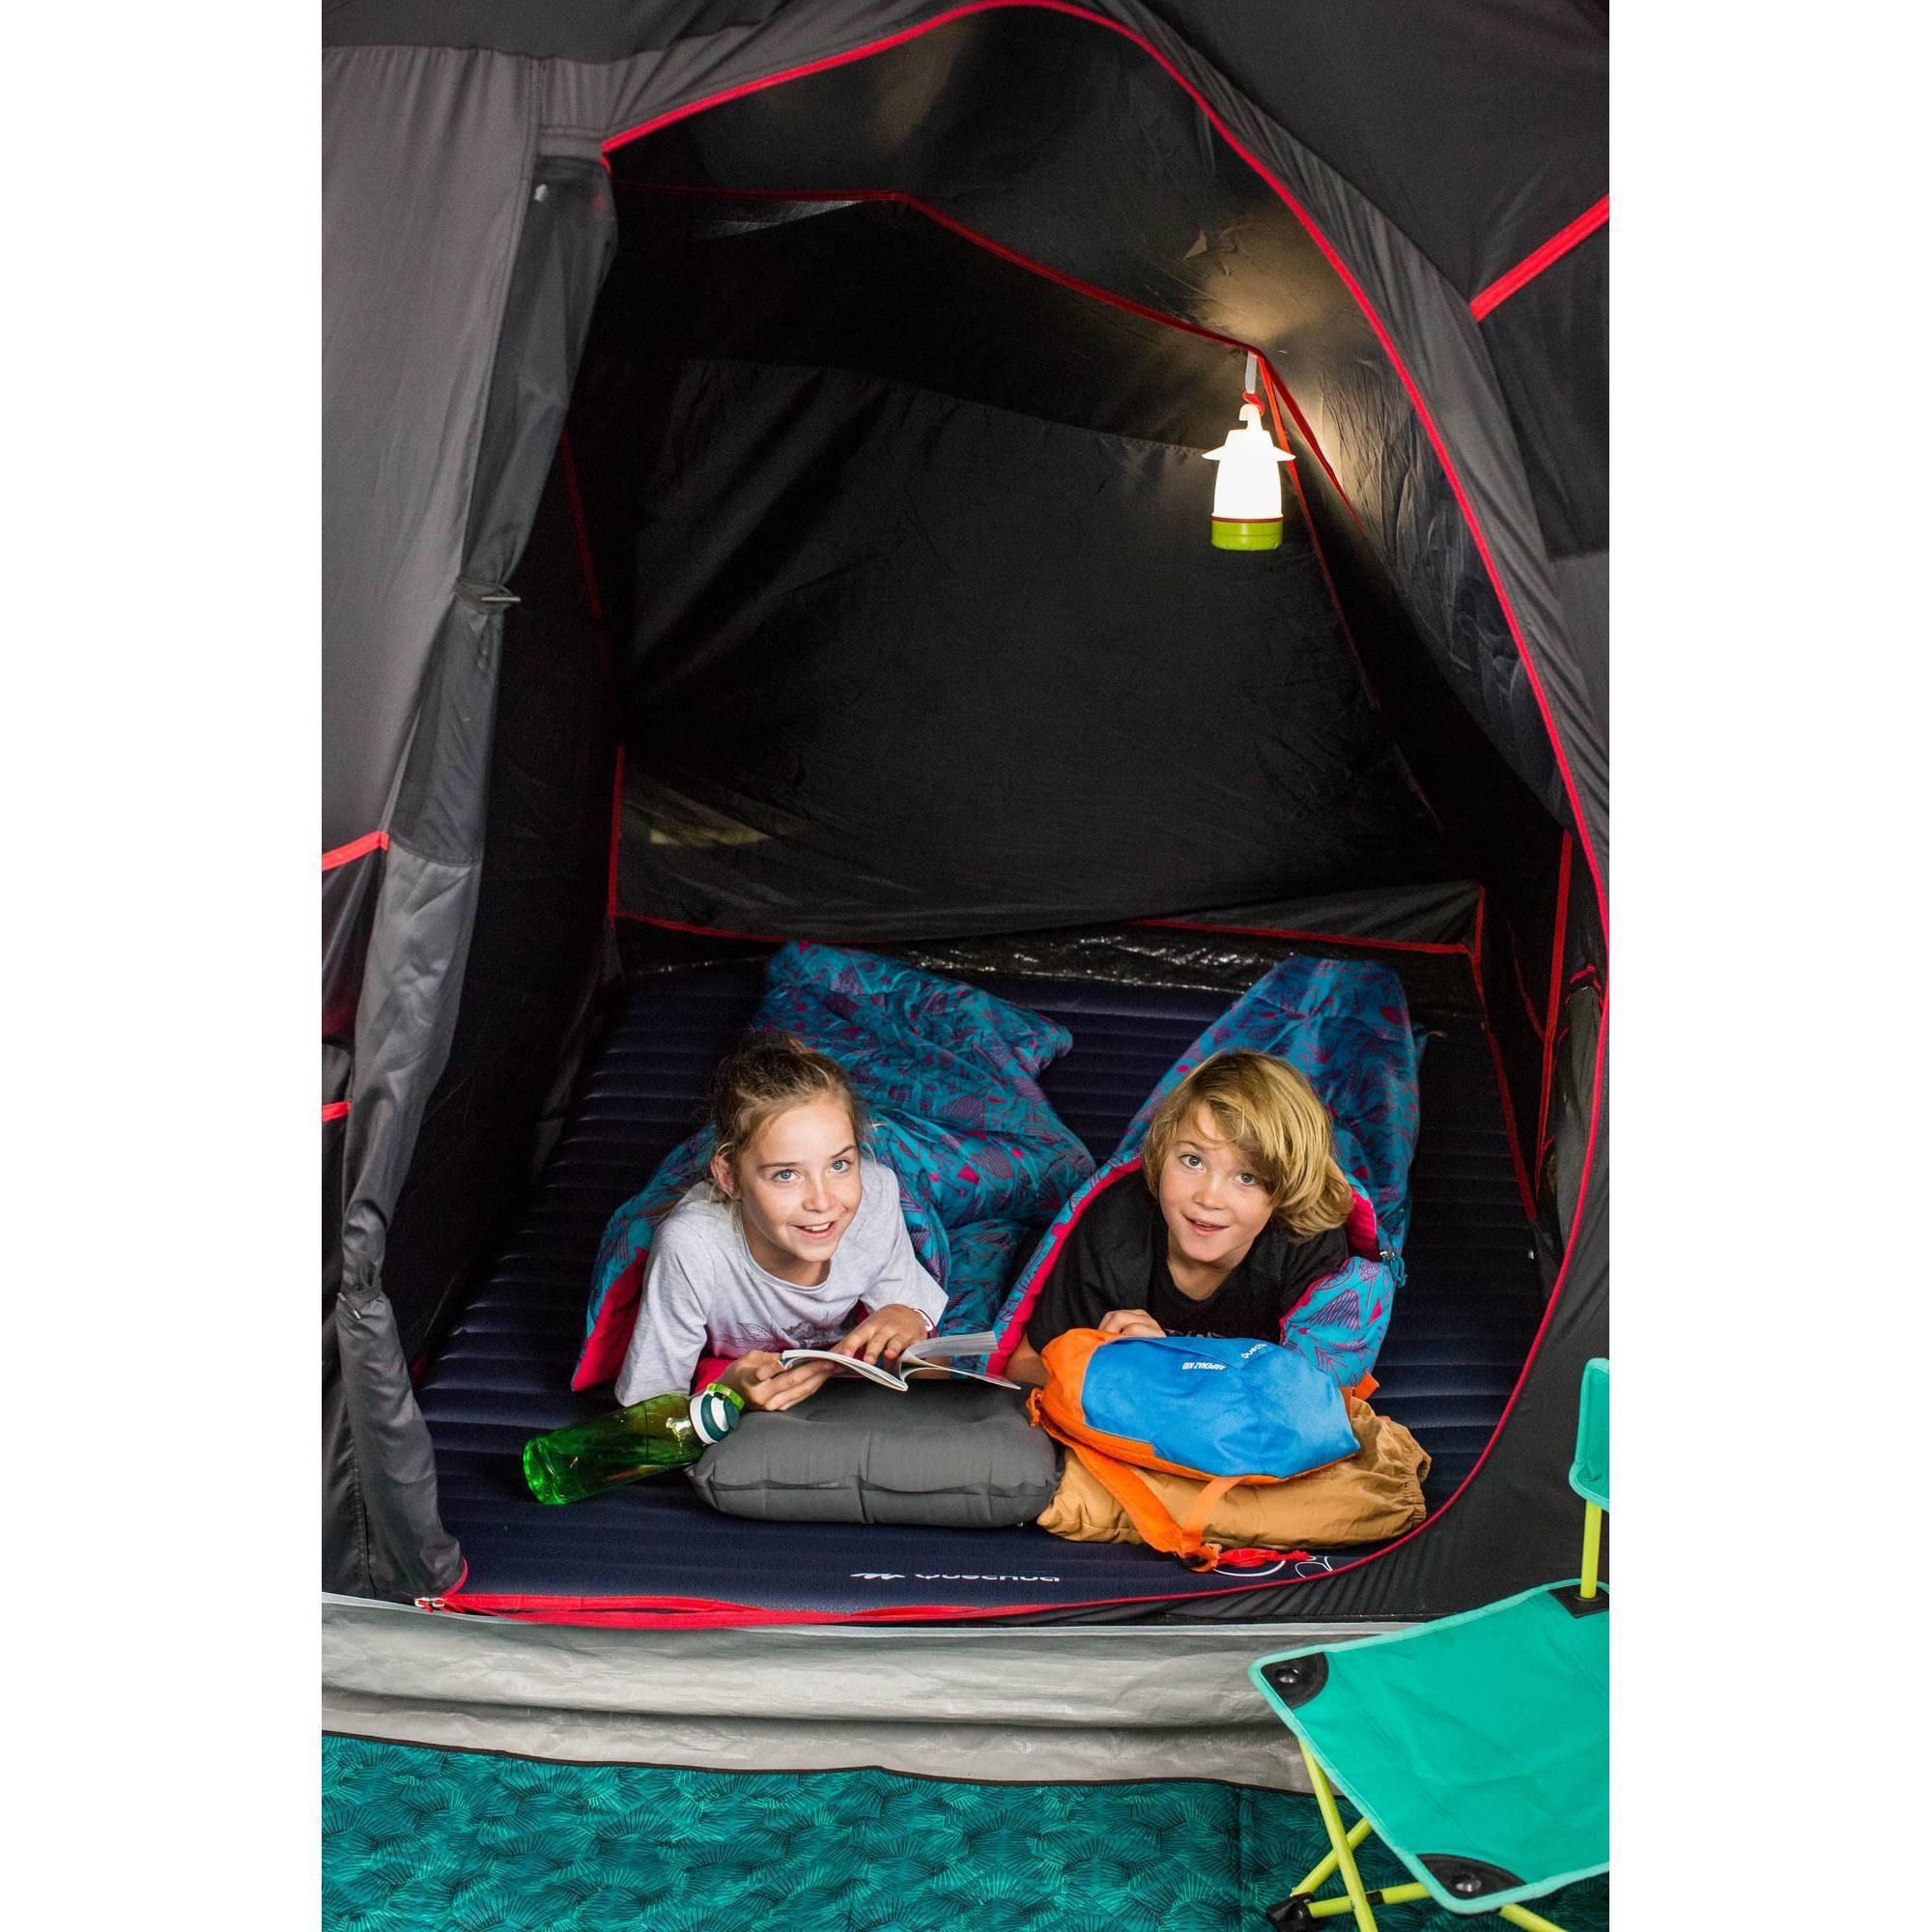 sac de couchage enfant de camping arpenaz 20 clubs collectivit s decathlon pro. Black Bedroom Furniture Sets. Home Design Ideas